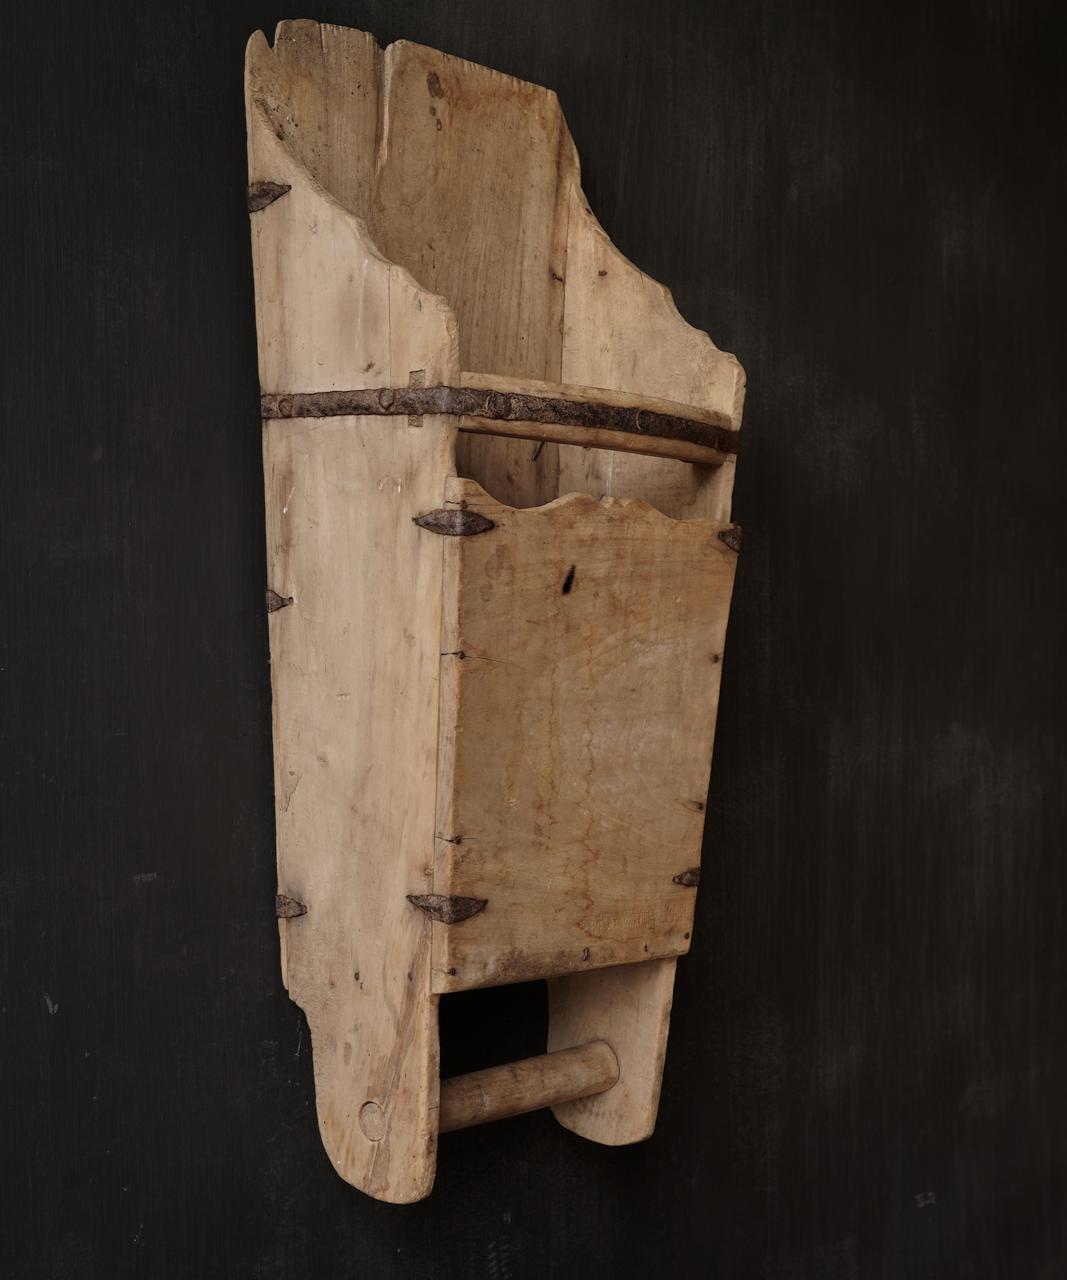 Large old wooden rice shovel / Bake-5